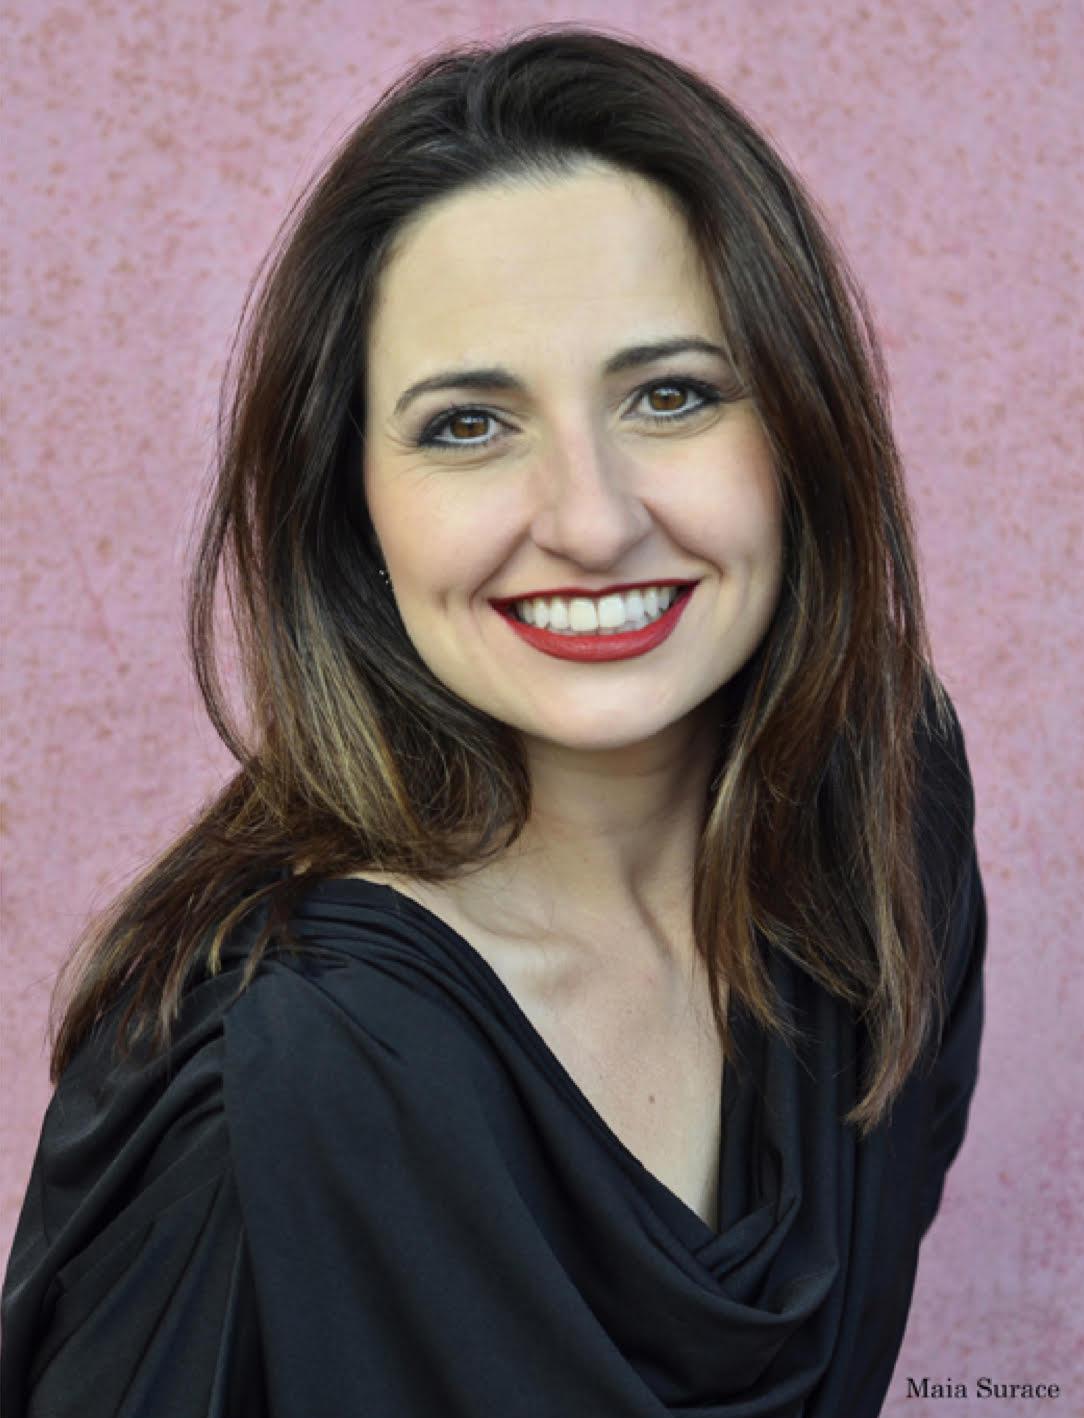 Maia Surace, Mezzo Soprano